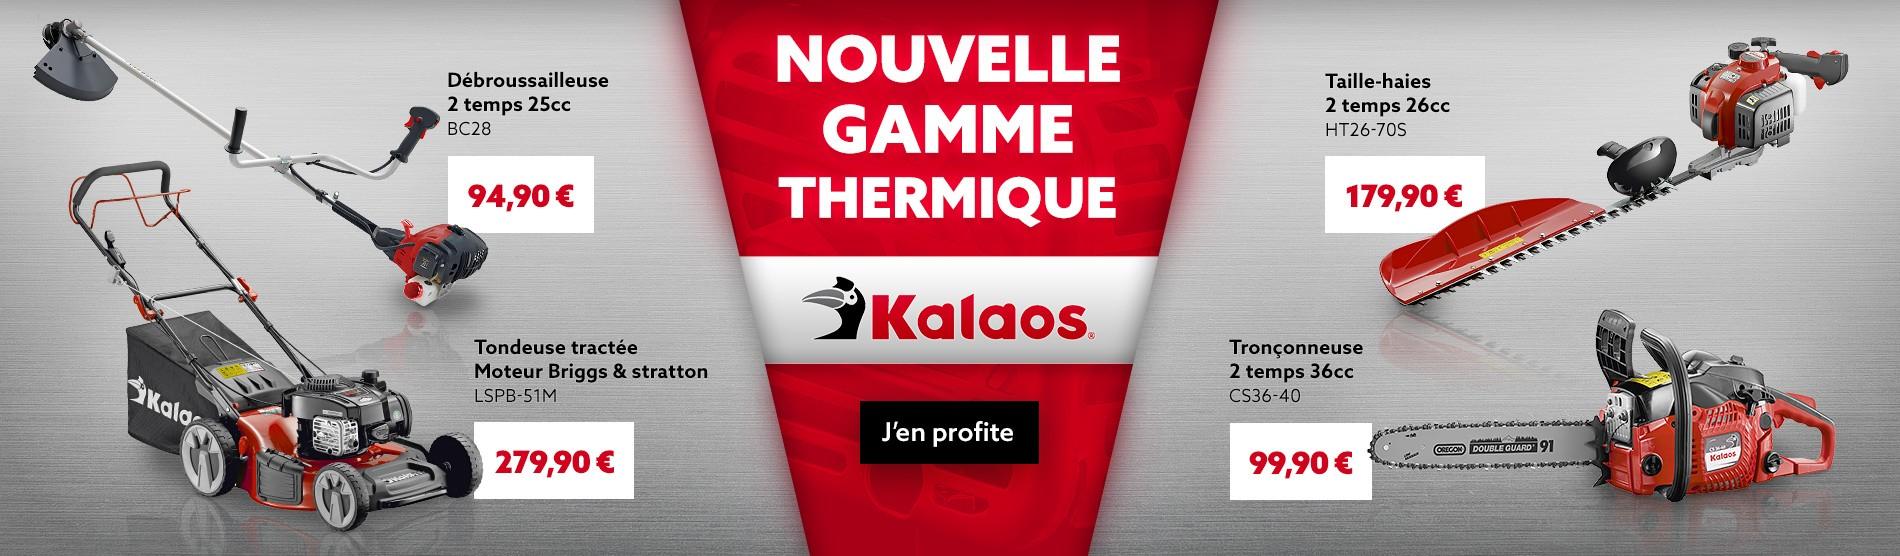 Nouvelle gamme thermique KALAOS